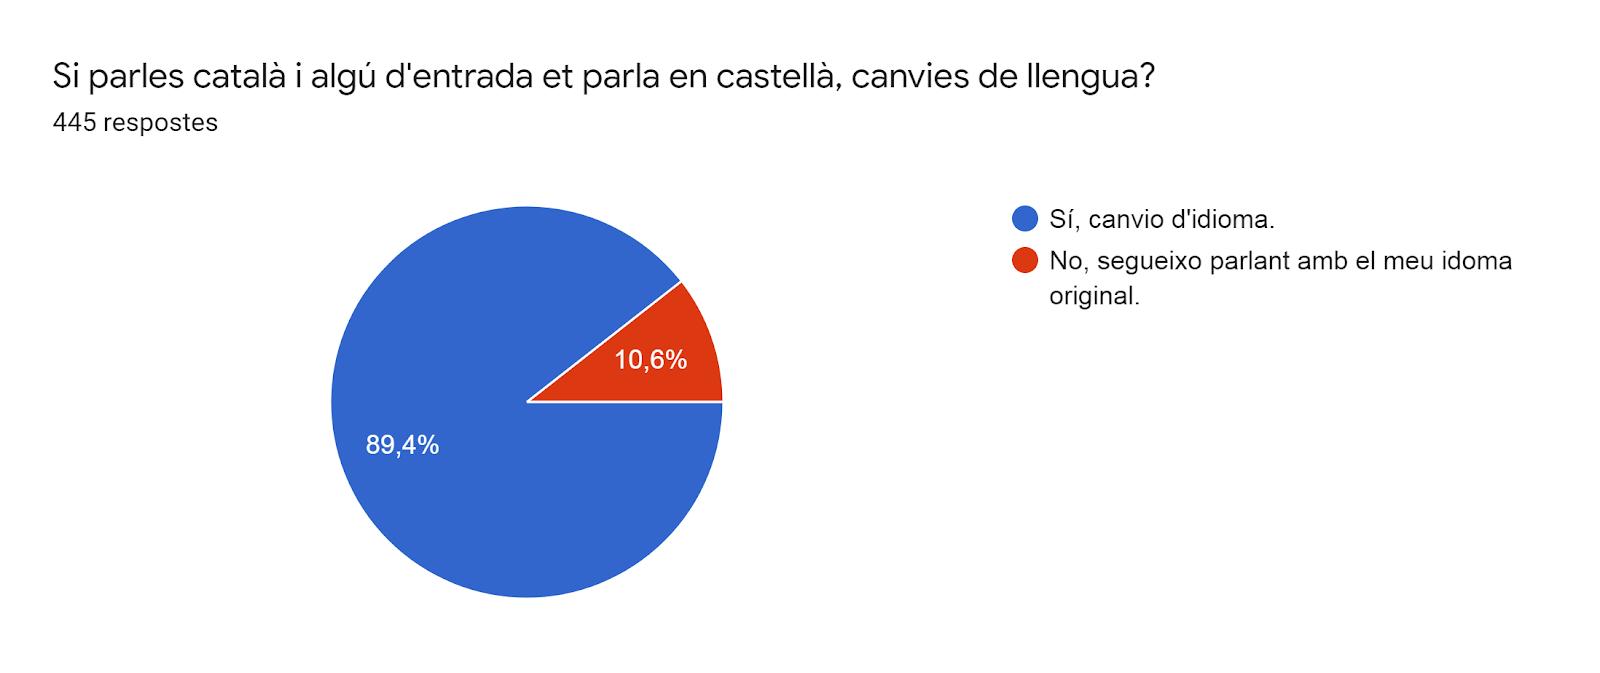 Gràfic de respostes de Formularis. Títol de la pregunta: Si parles català i algú d'entrada et parla en castellà, canvies de llengua?. Nombre de respostes: 445 respostes.